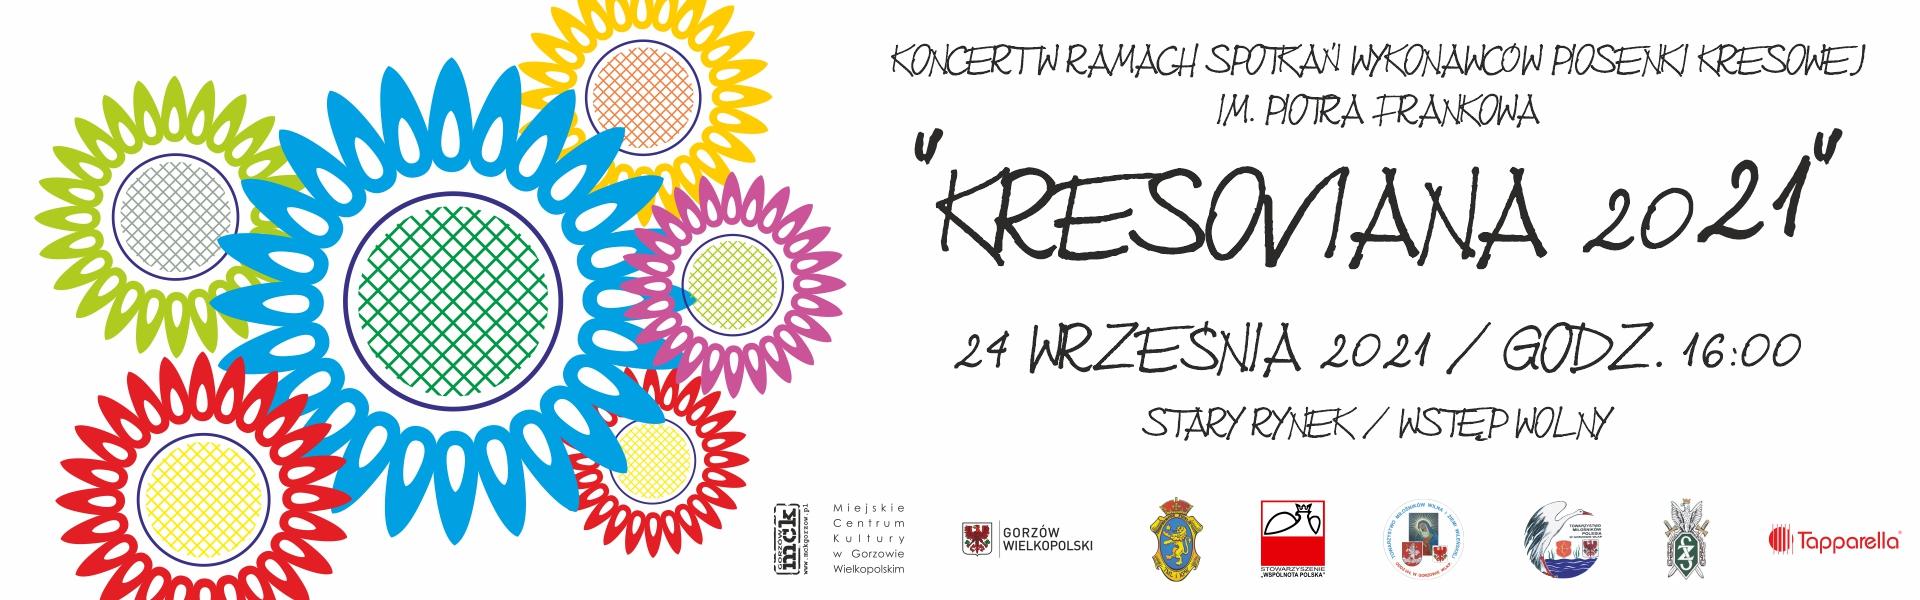 Baner Kresoviana 2021